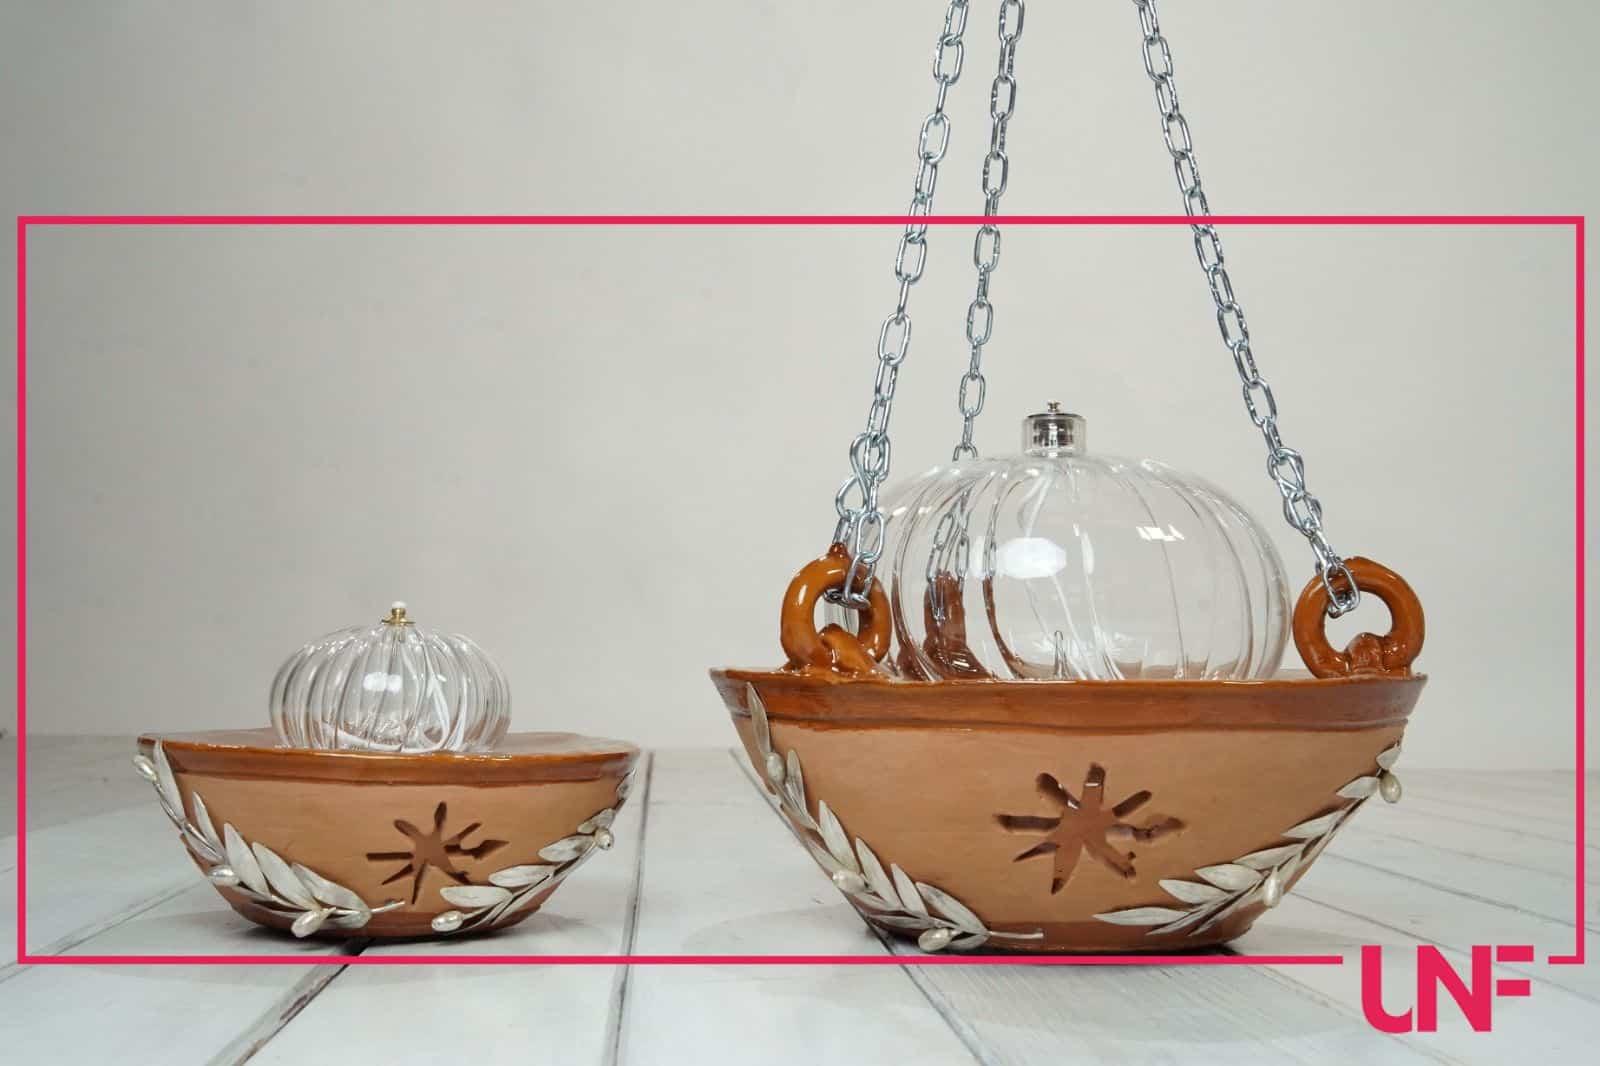 Marco Simone realizza due opere: le lanterne per il Santuario di Santa Maria di Leuca